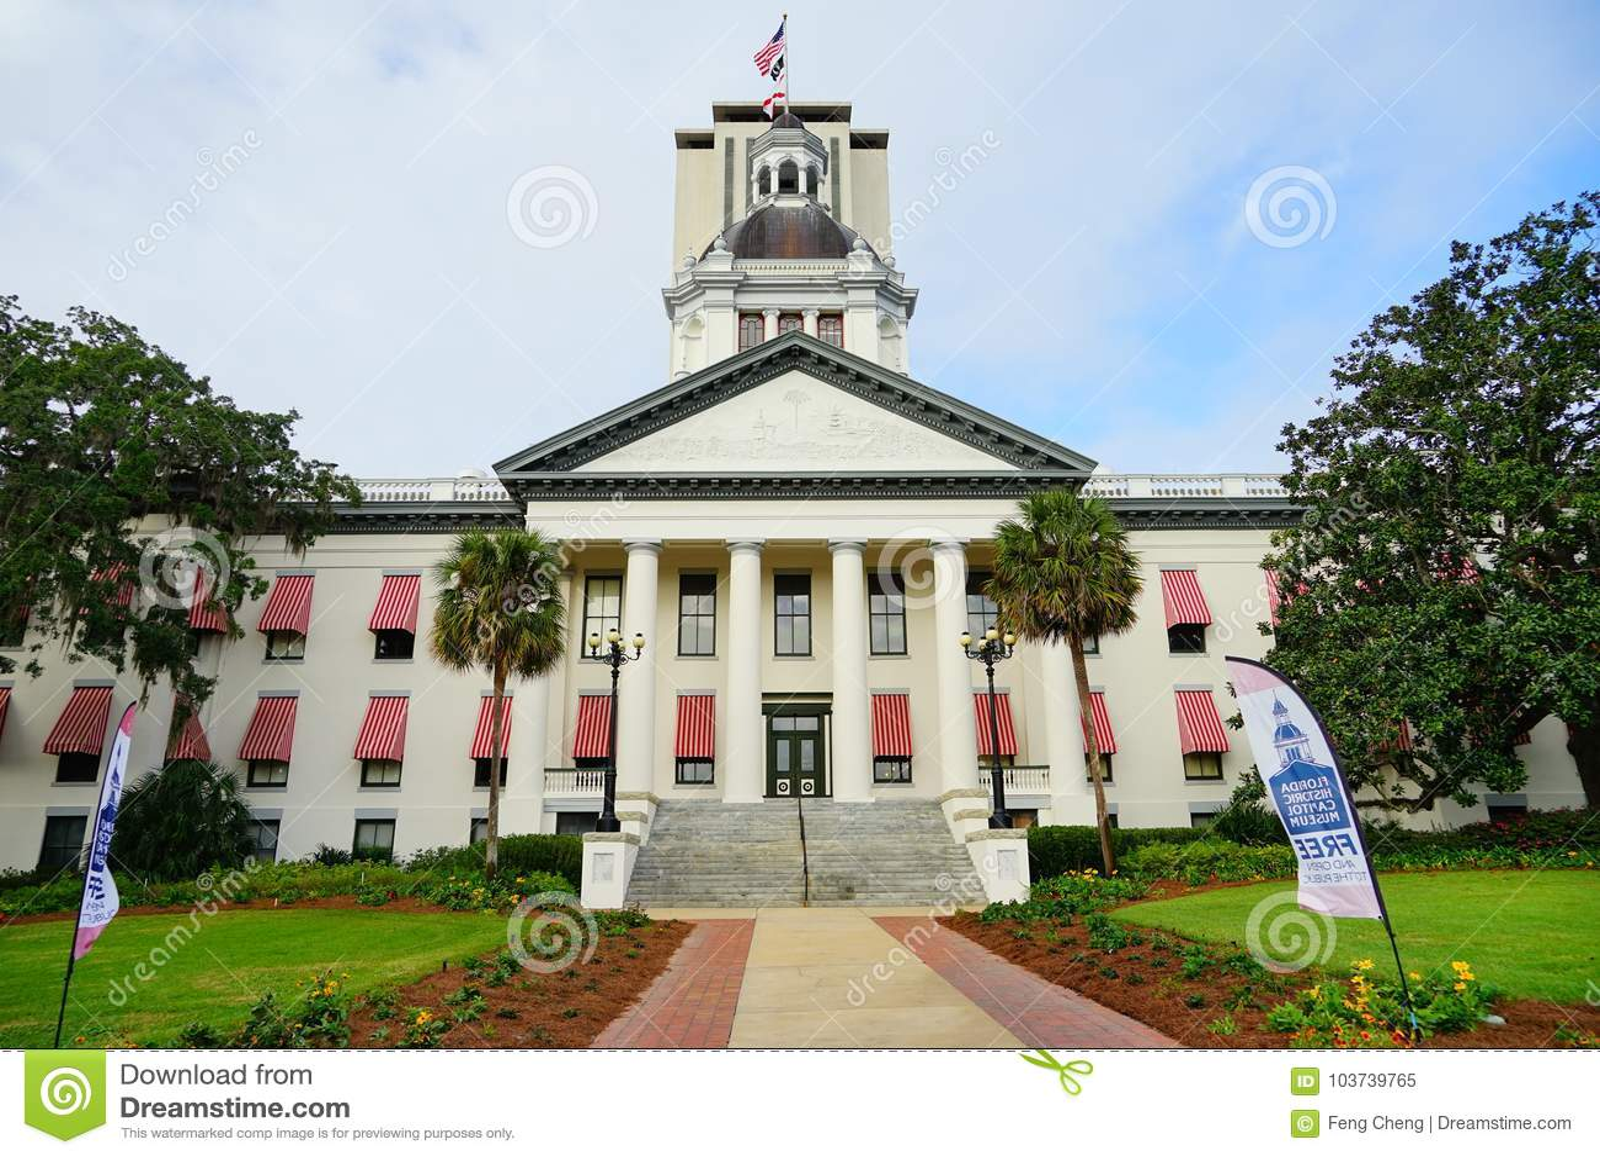 Capitolio Del Estado De La Florida Imagen editorial - Imagen de capital,  ciudades: 103739765